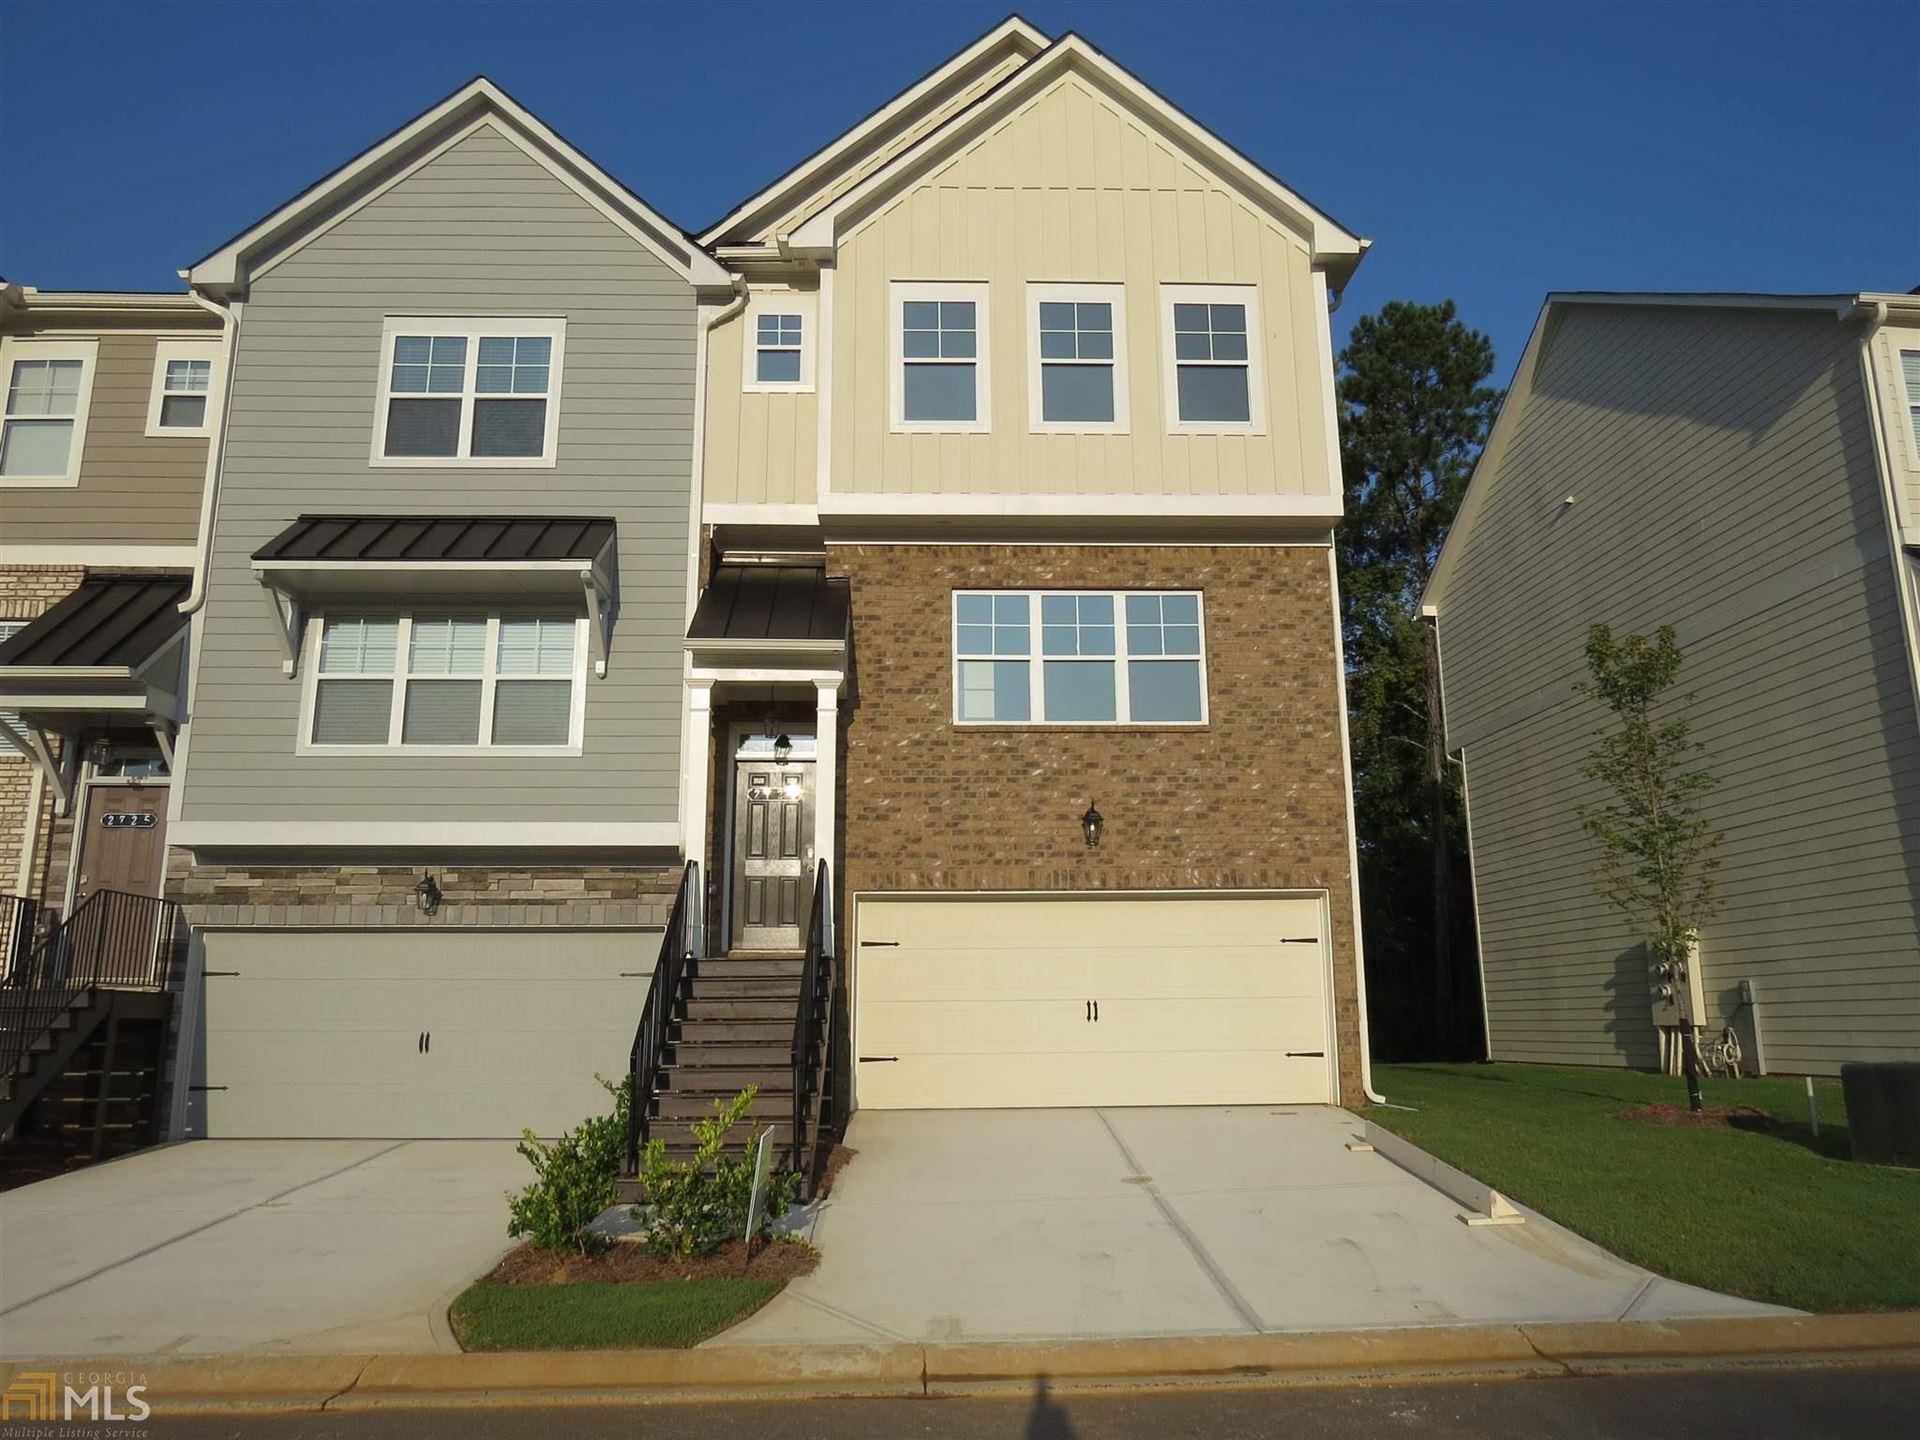 2727 Hedgeway Cir, Kennesaw, GA 30144 - MLS#: 8805901